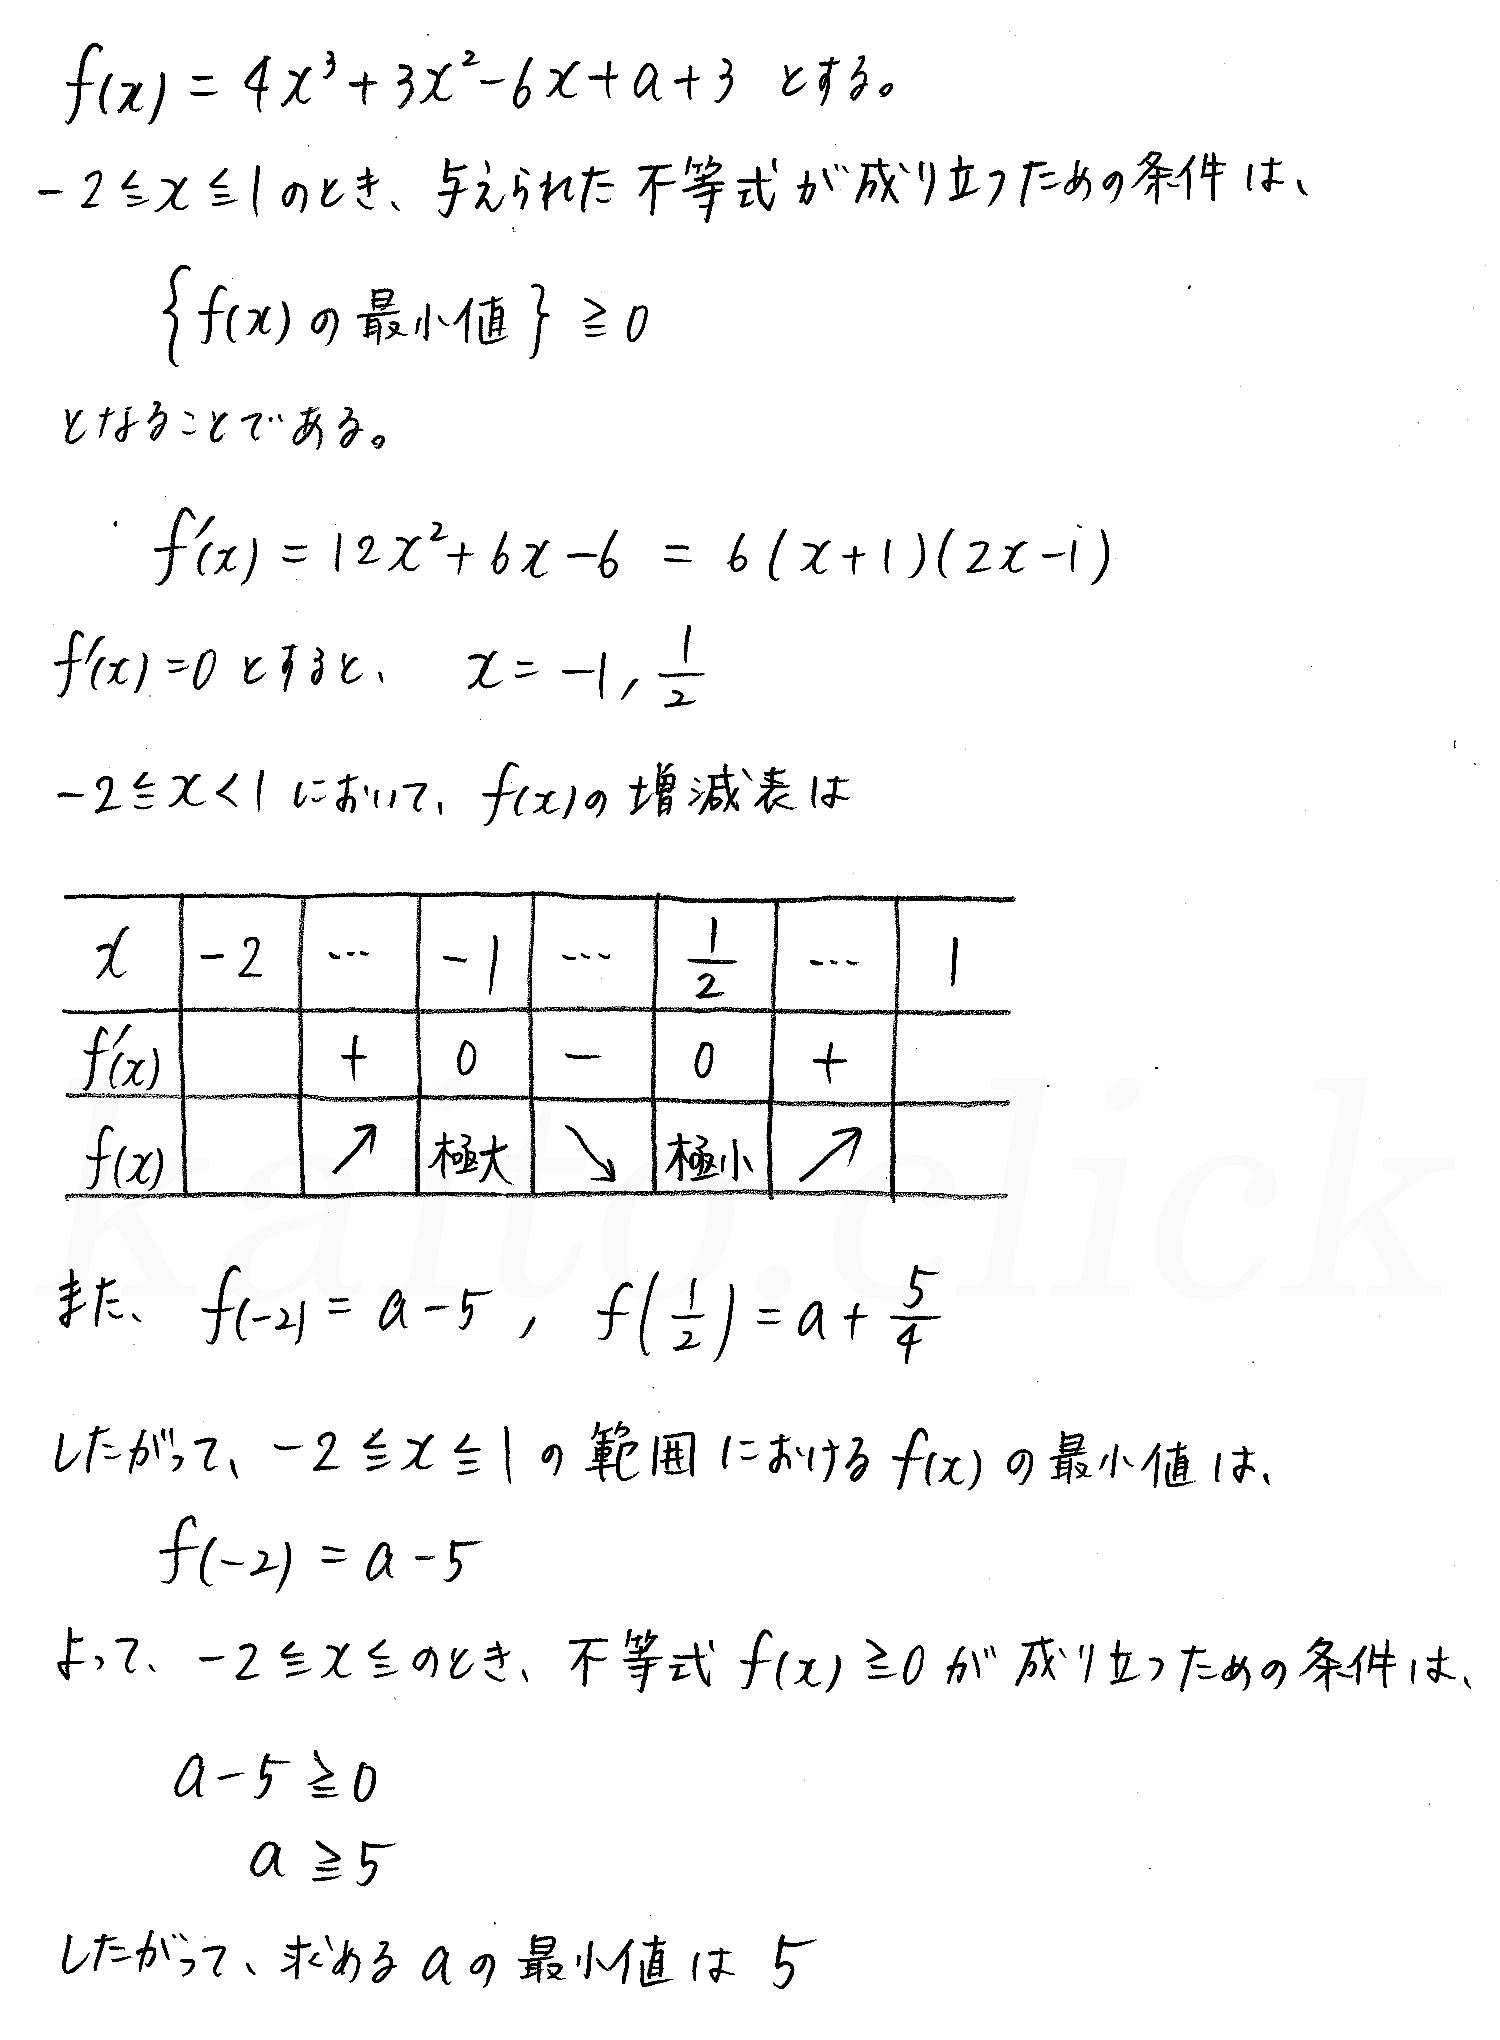 クリアー数学2-493解答